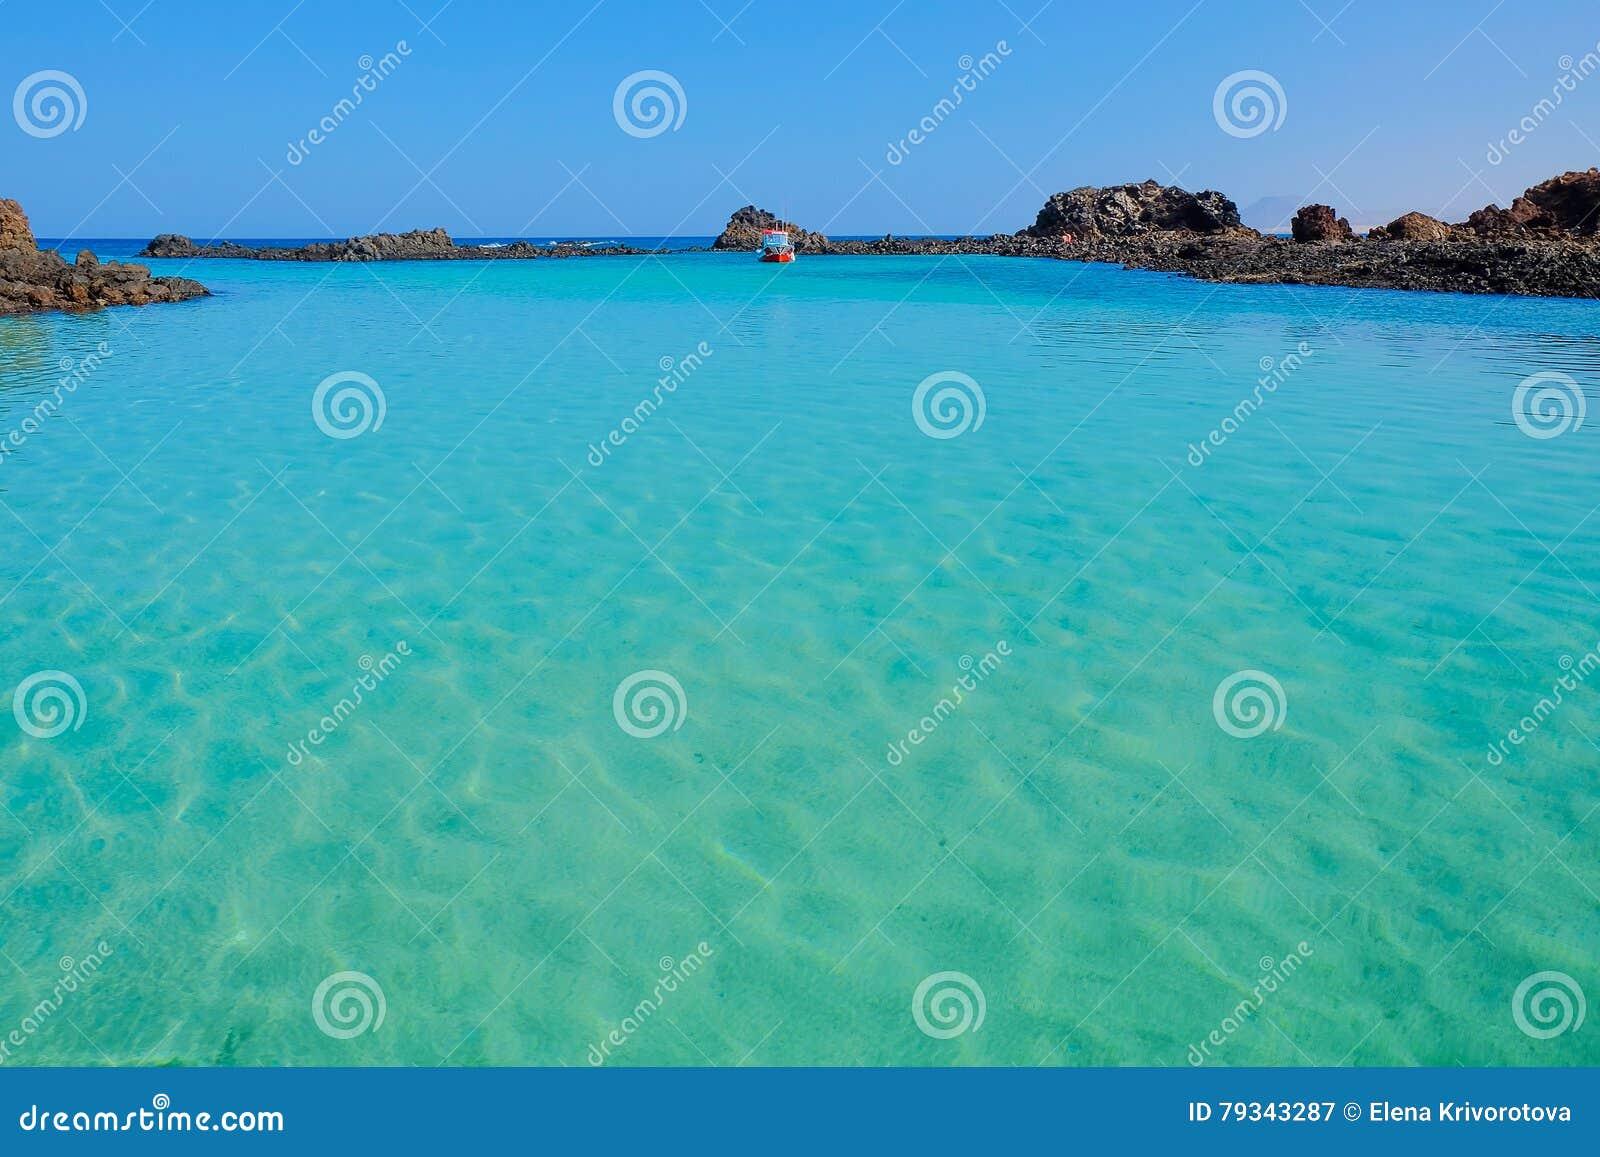 Lagune Mit Transparentem Blauem Wasser Und Einem Boot Auf ...